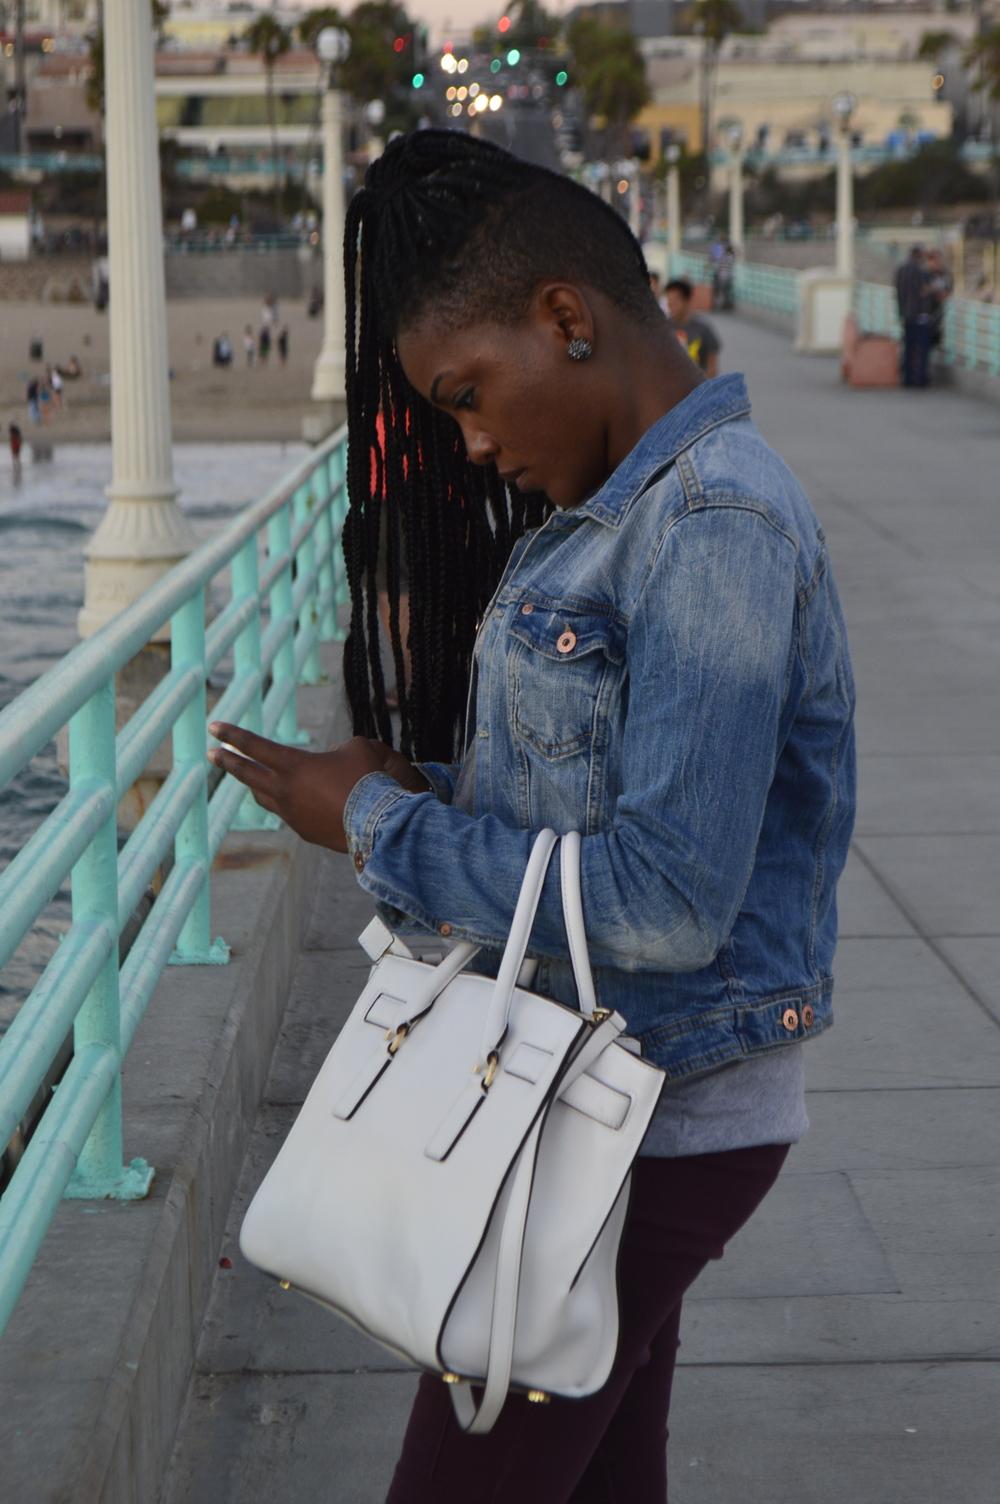 Manhattan Beach                                                  Photo:Candalada